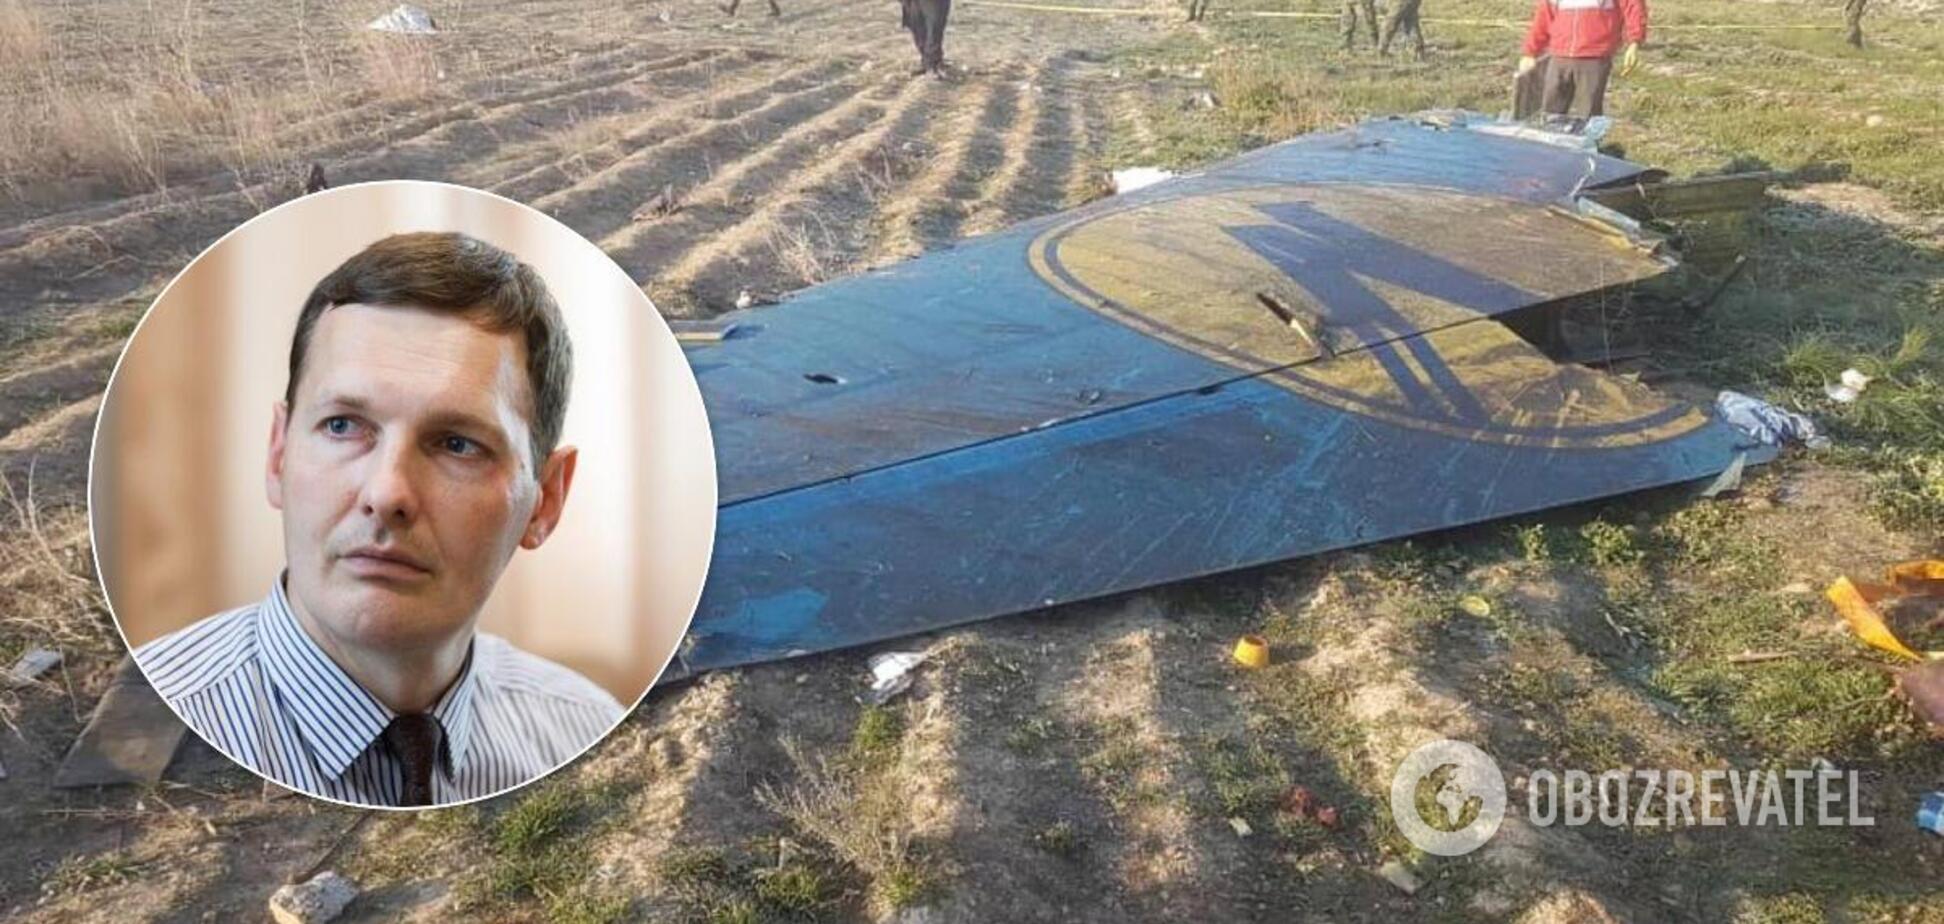 Енин заявил, что Иран согласился взять ответственность за катастрофу с самолетом МАУ